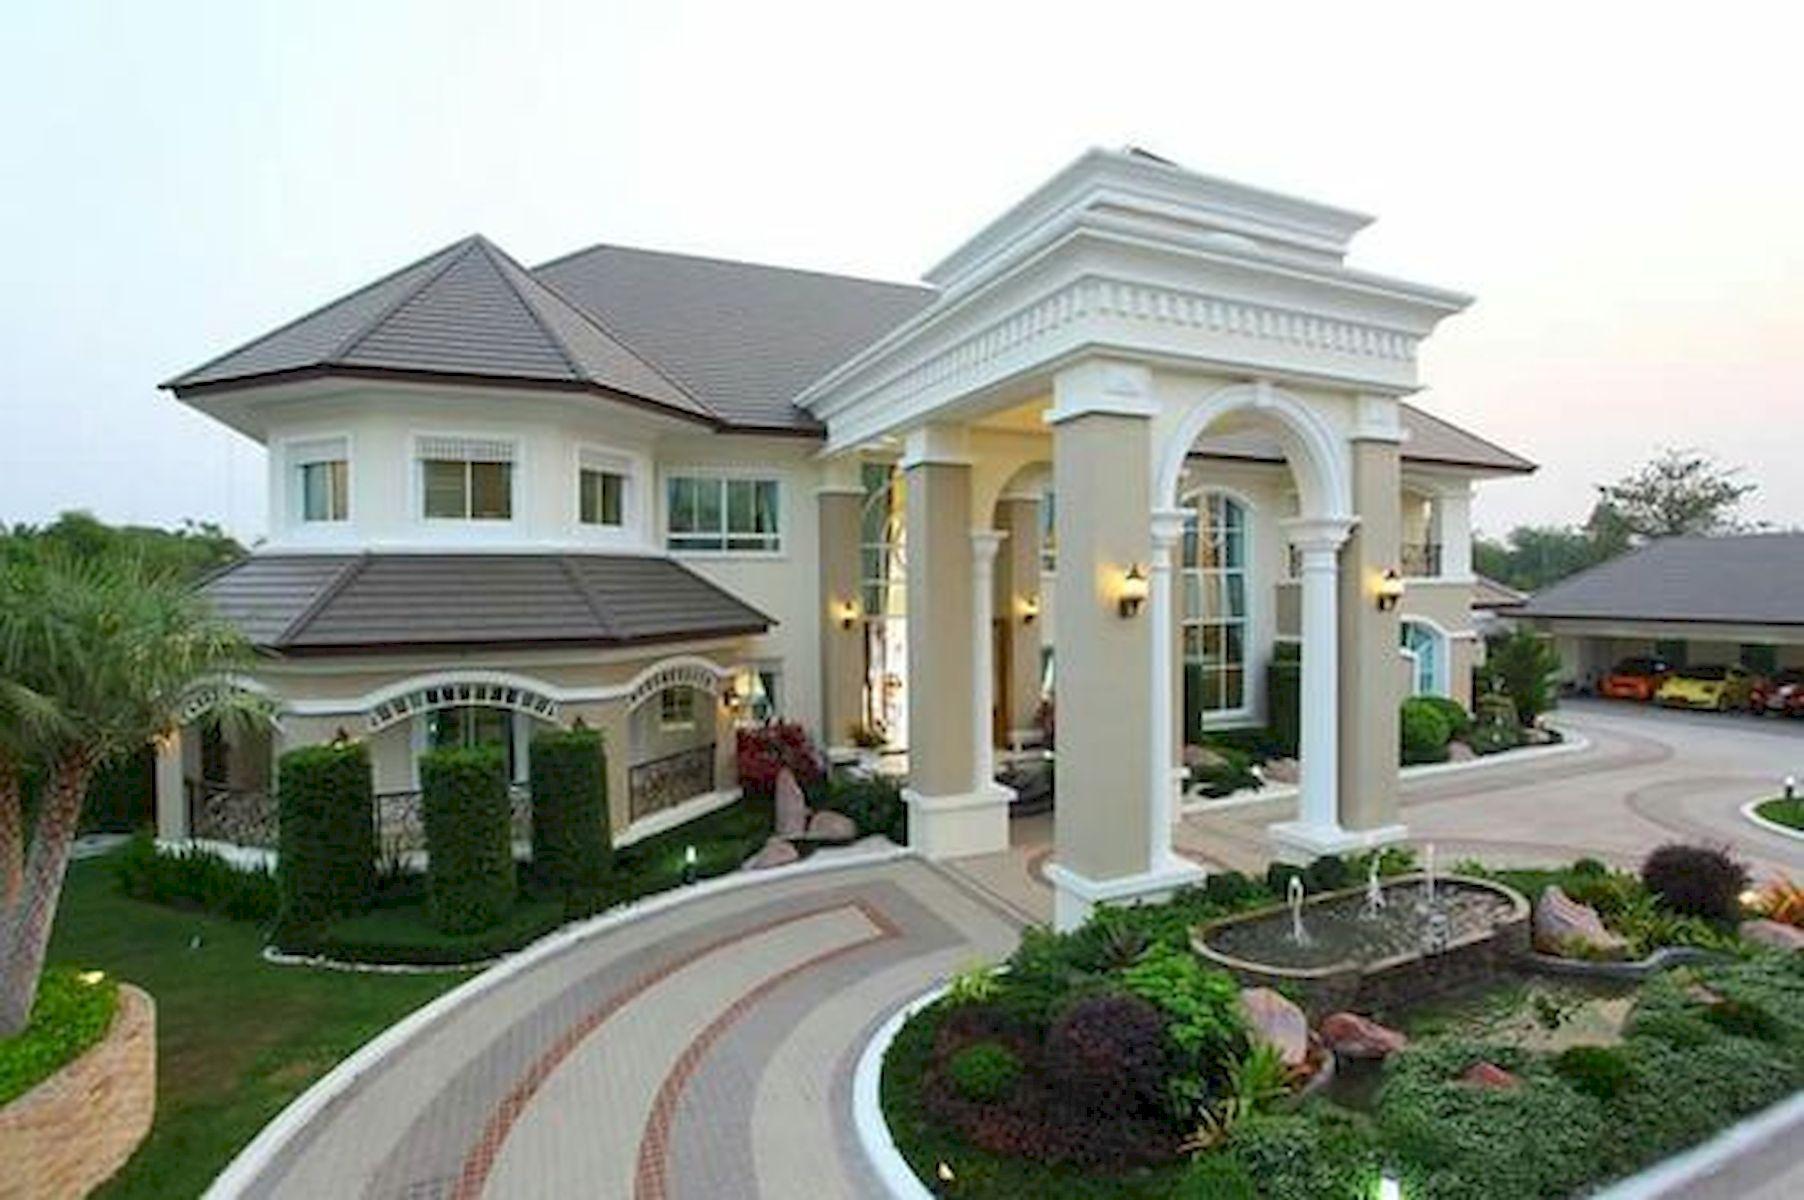 65-Stunning-Modern-Dream-House-Exterior-Design-Ideas-35